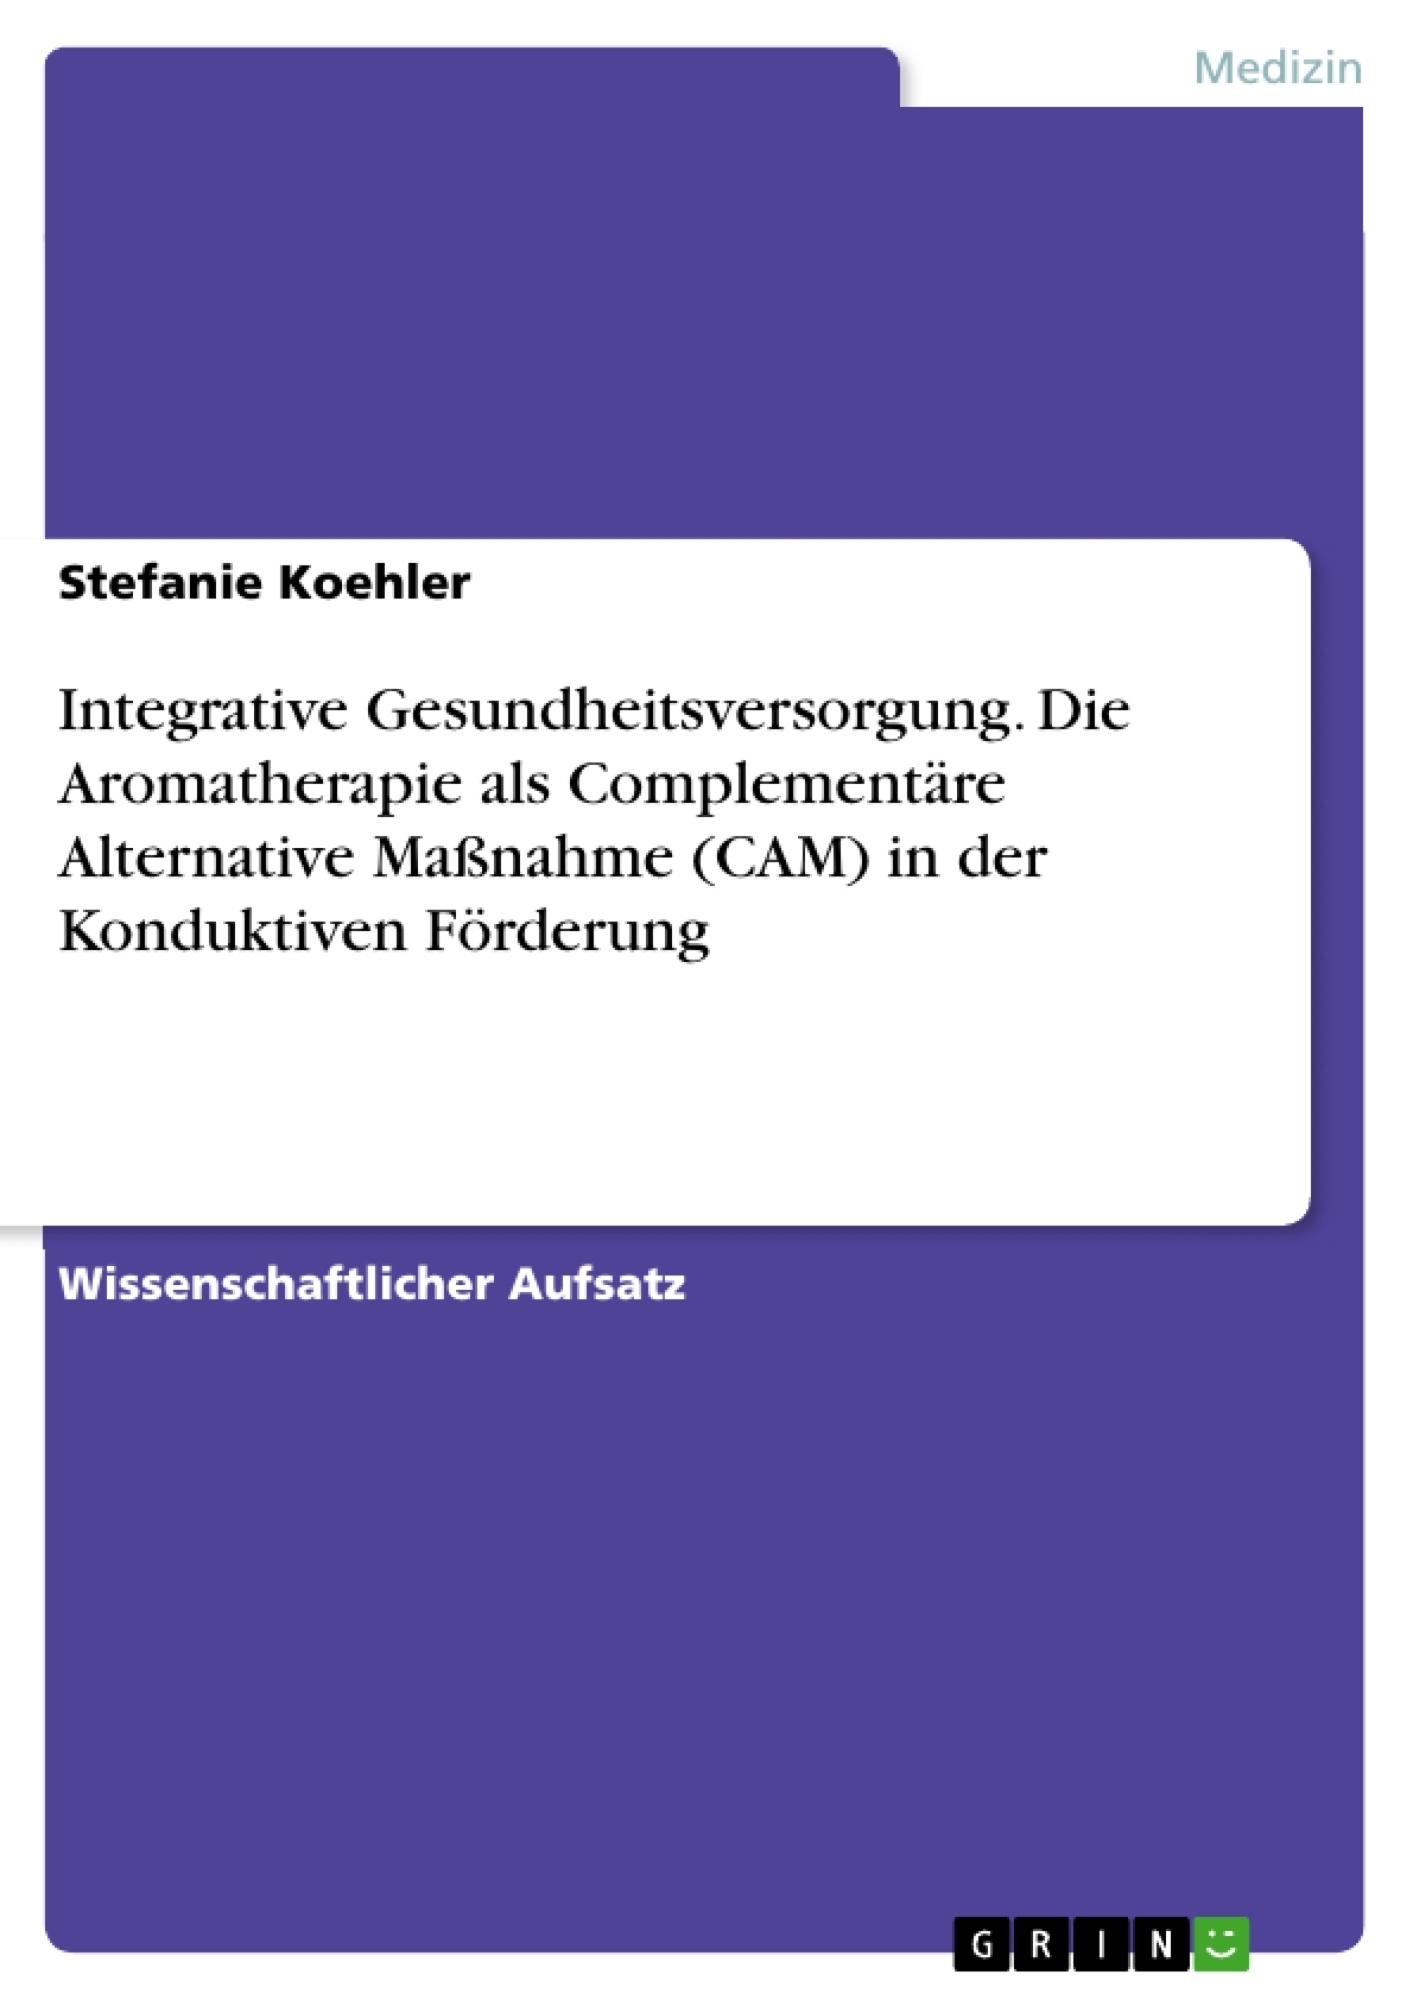 Titel: Integrative Gesundheitsversorgung. Die Aromatherapie als Complementäre Alternative Maßnahme (CAM) in der Konduktiven Förderung